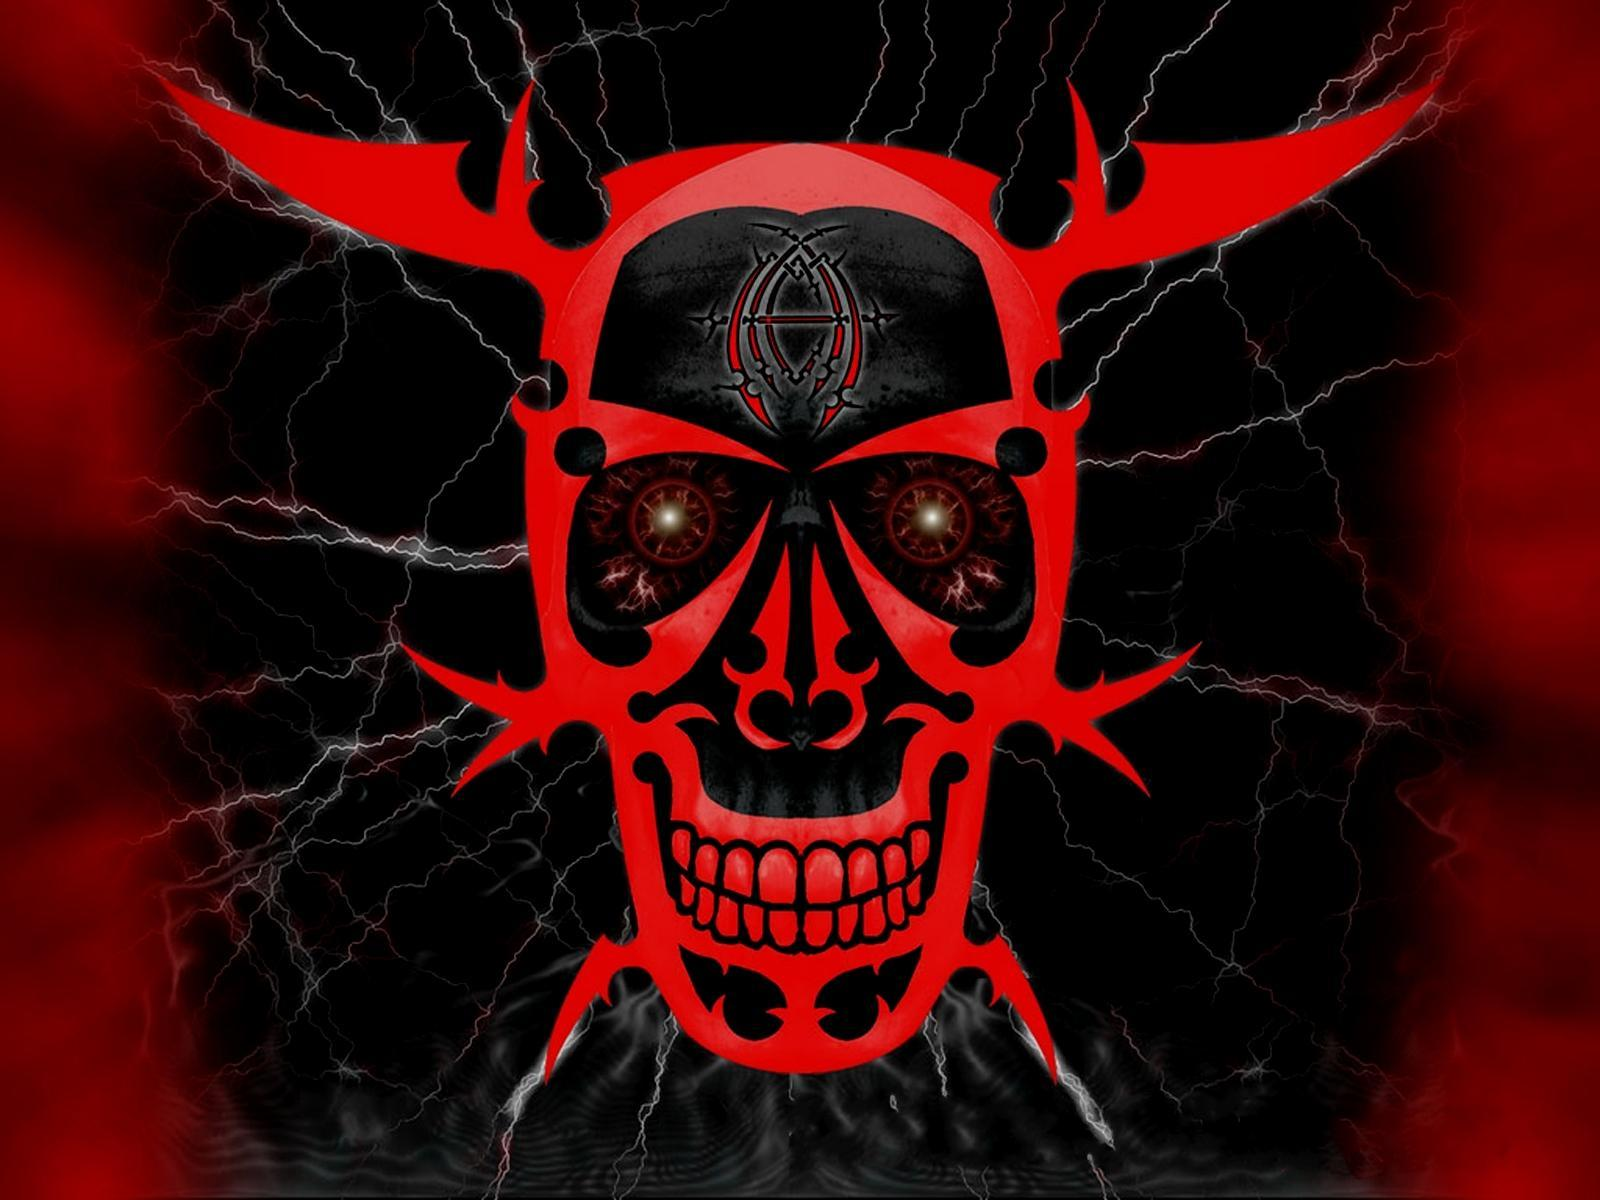 demon skull wallpaper - photo #24